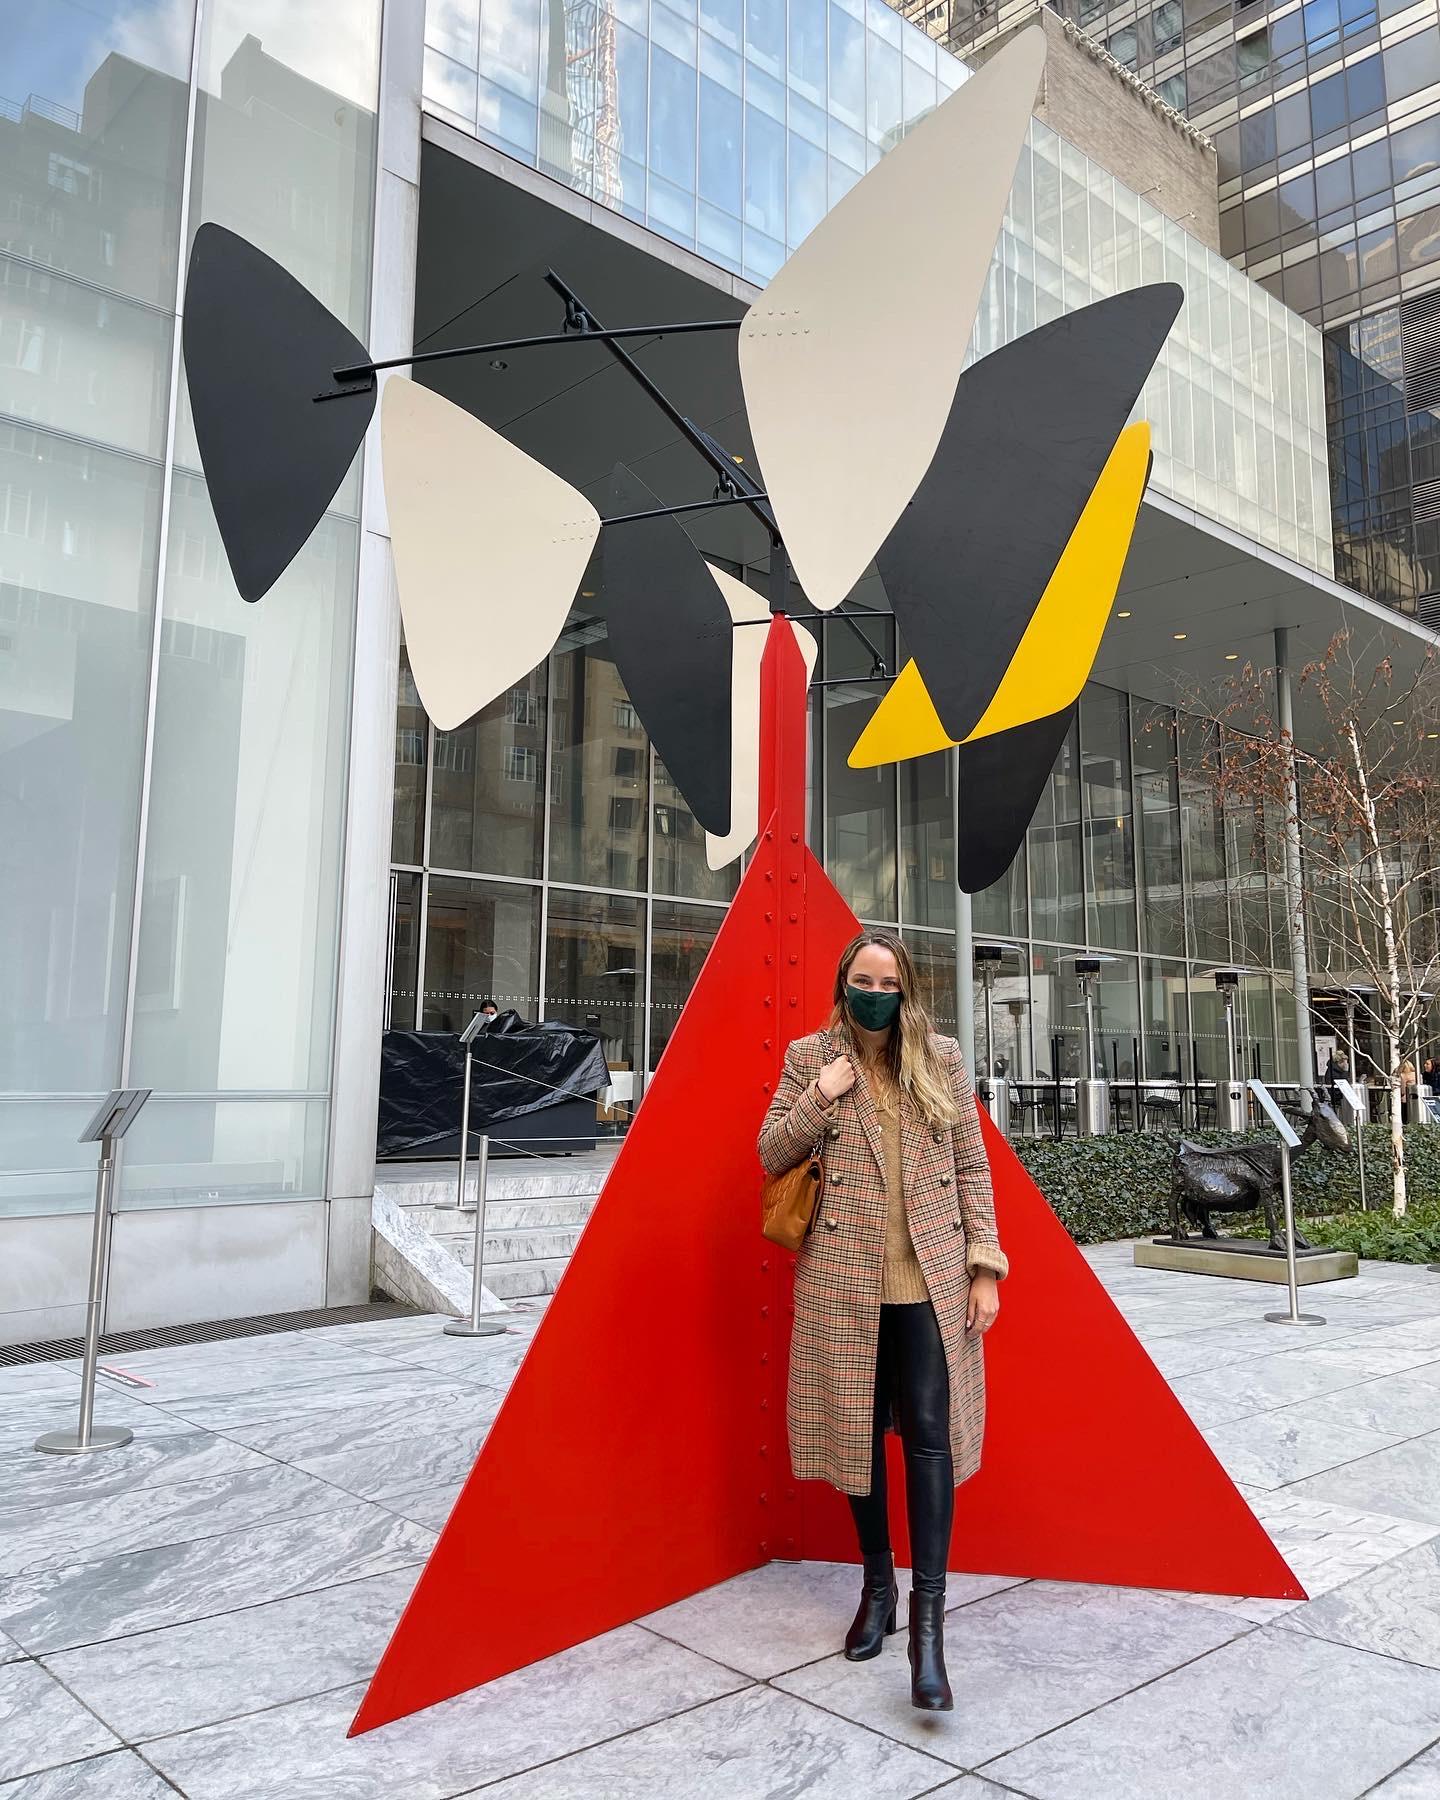 Calder at the MOMA